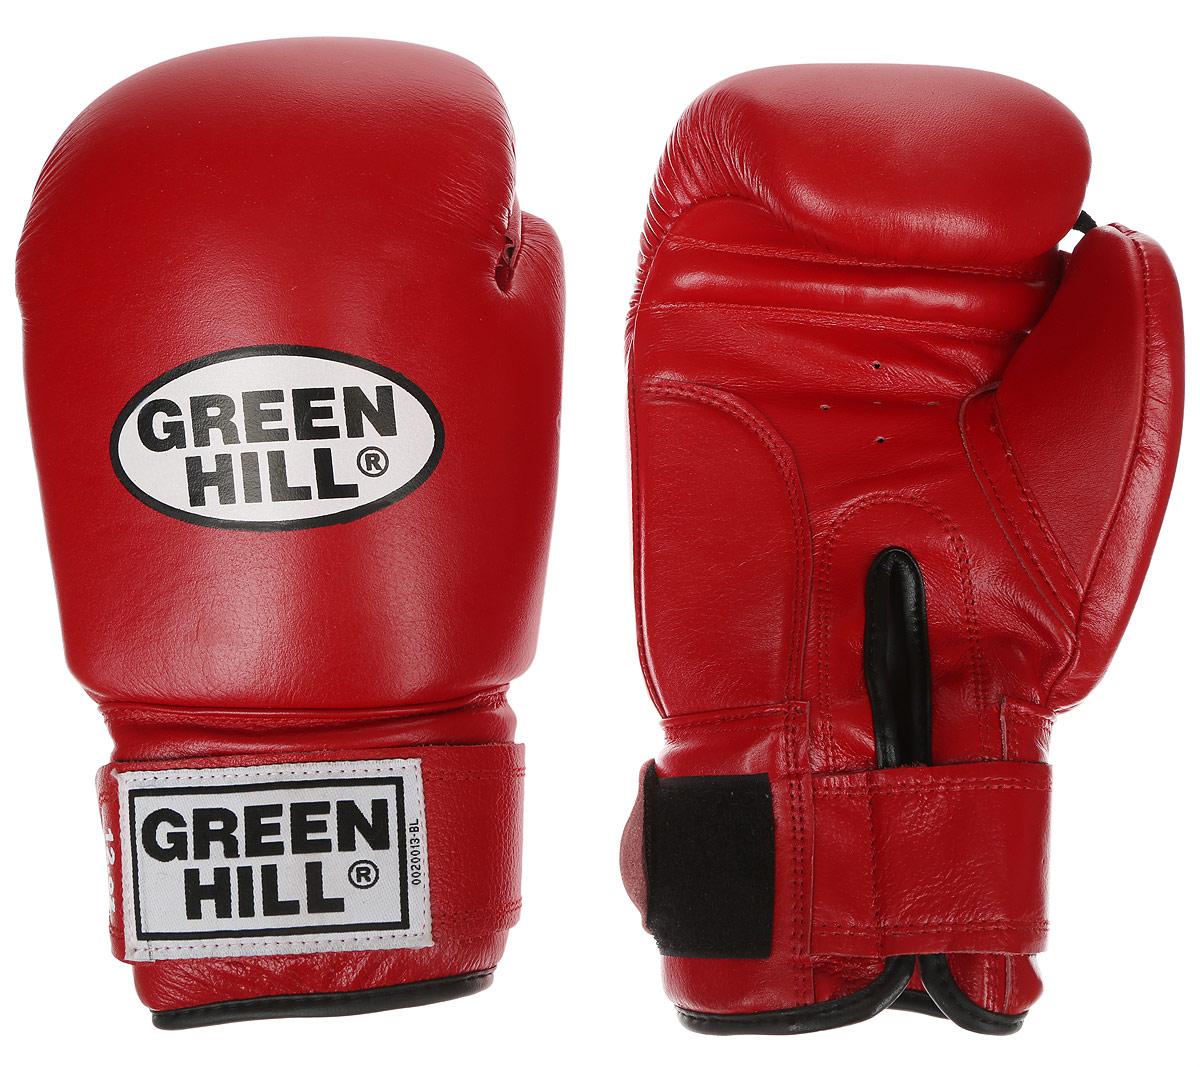 Перчатки боксерские Green Hill Super Star, цвет: красный, белый. Вес 12 унций. BGS-1213сBGG-2018Боксерские перчатки Green Hill Super Star предназначены для использования профессионалами. Подойдут для спаррингов и соревнований. Верх выполнен из натуральной кожи, наполнитель - из вспененного полимера. Отверстие в области ладони позволяет создать максимально комфортный терморежим во время занятий. Манжет на липучке способствует быстрому и удобному надеванию перчаток, плотно фиксирует перчатки на руке.